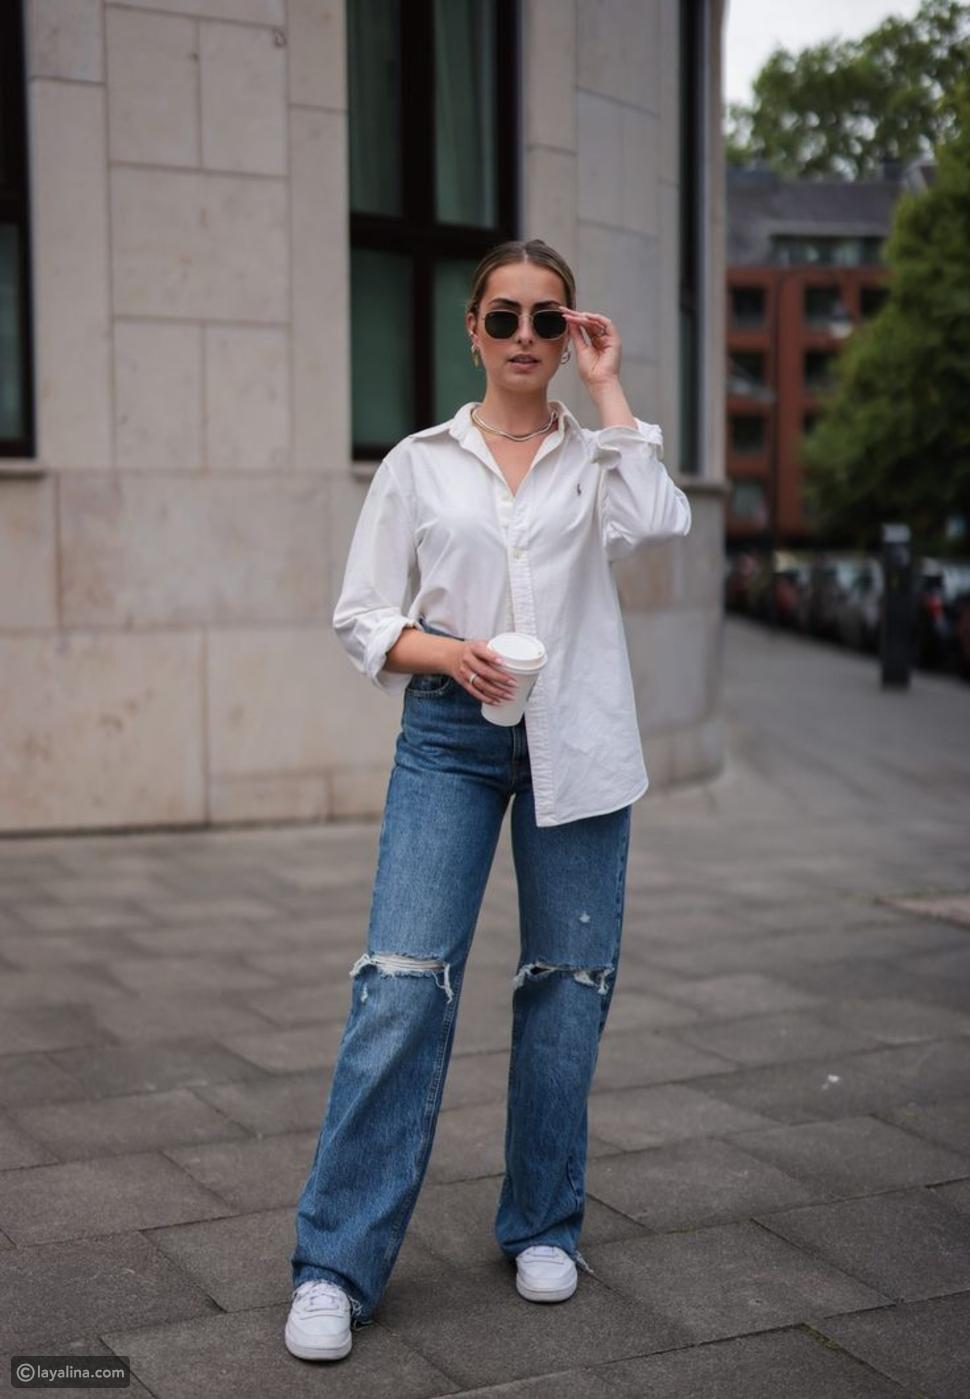 جينز واسع مع قميص أبيض